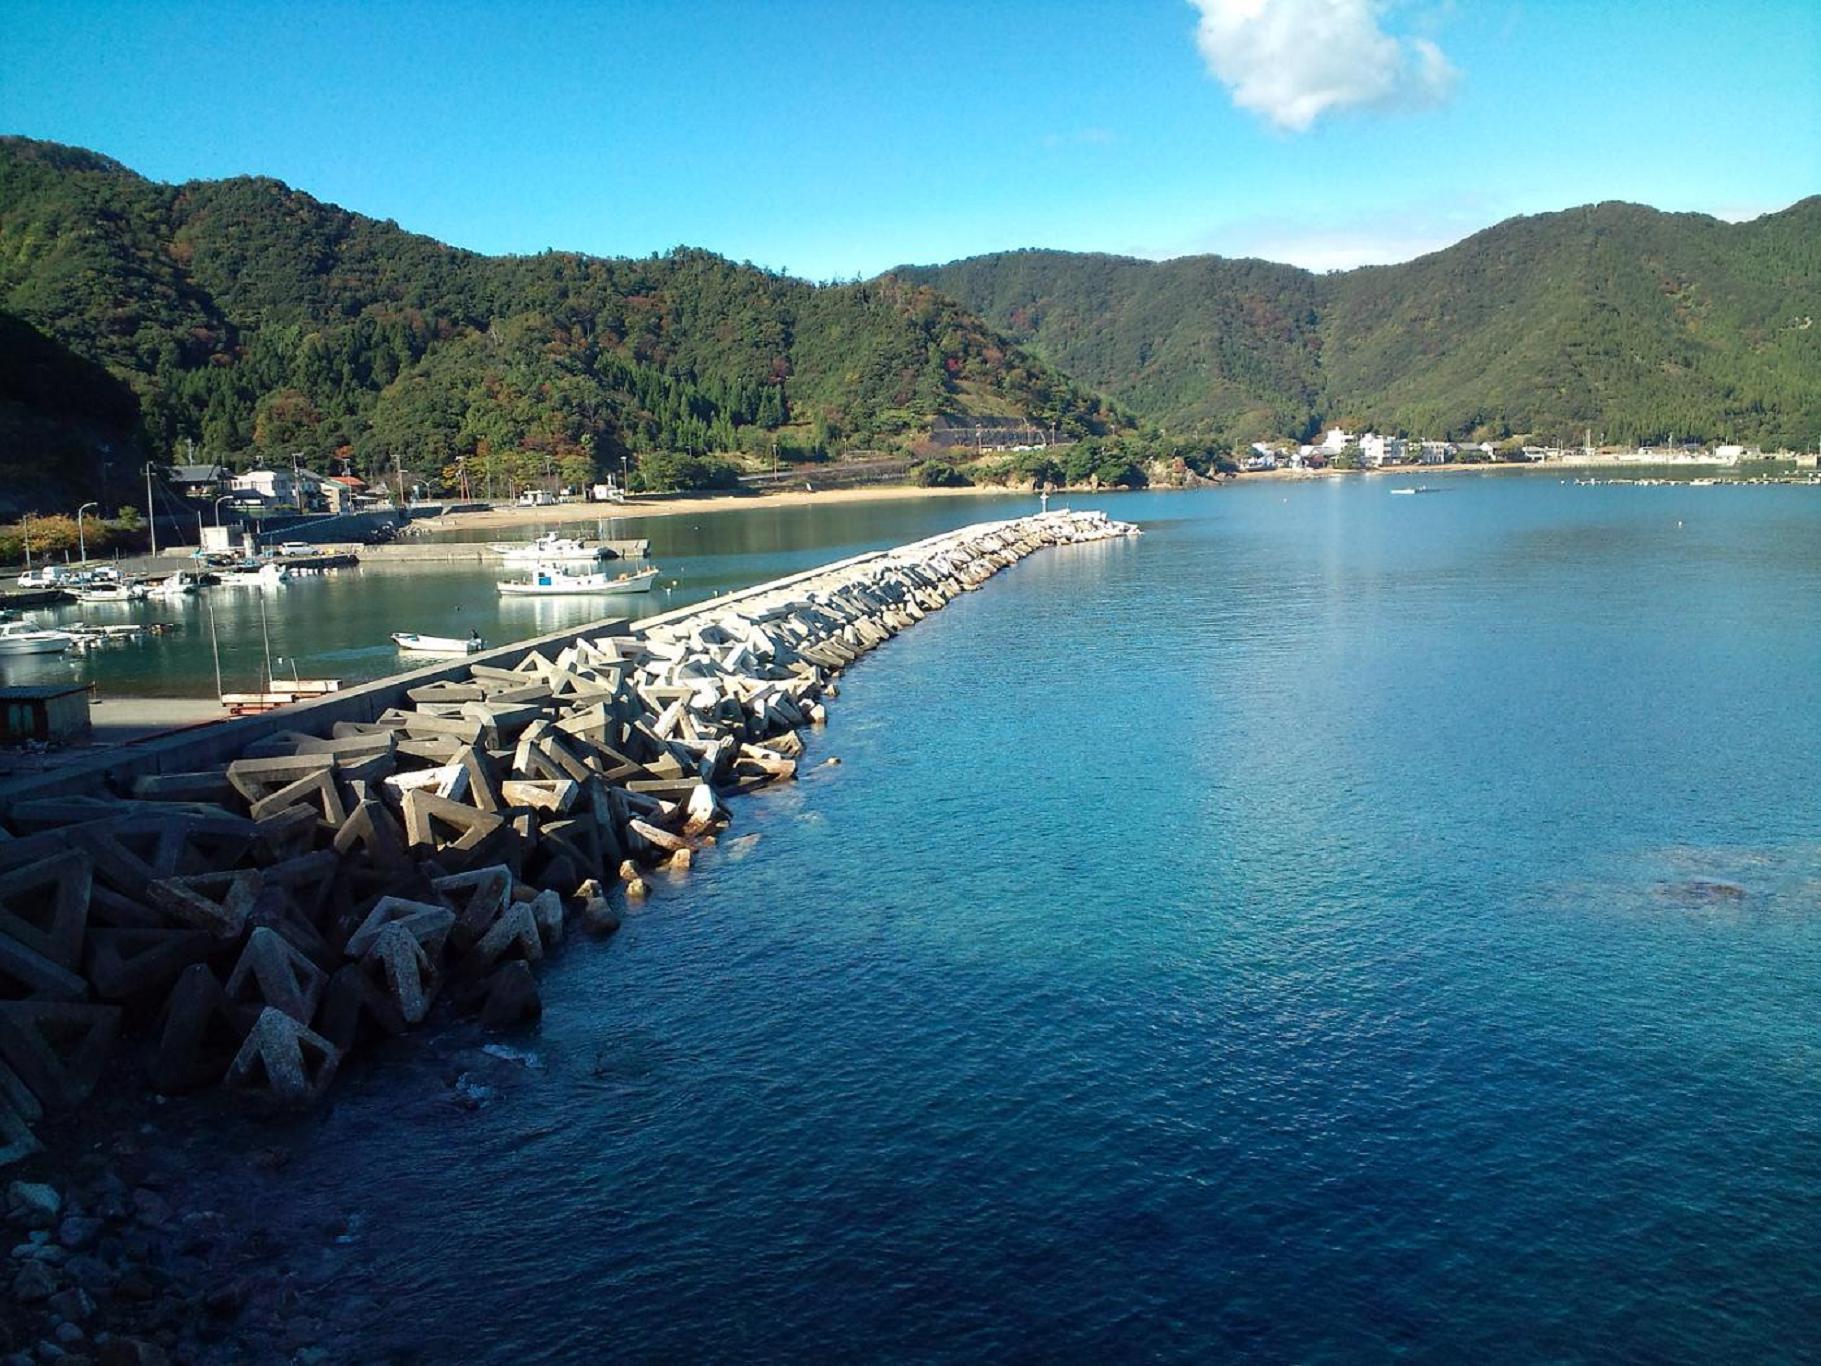 小浜を観光するなら?おすすめスポットやグルメなどを紹介!